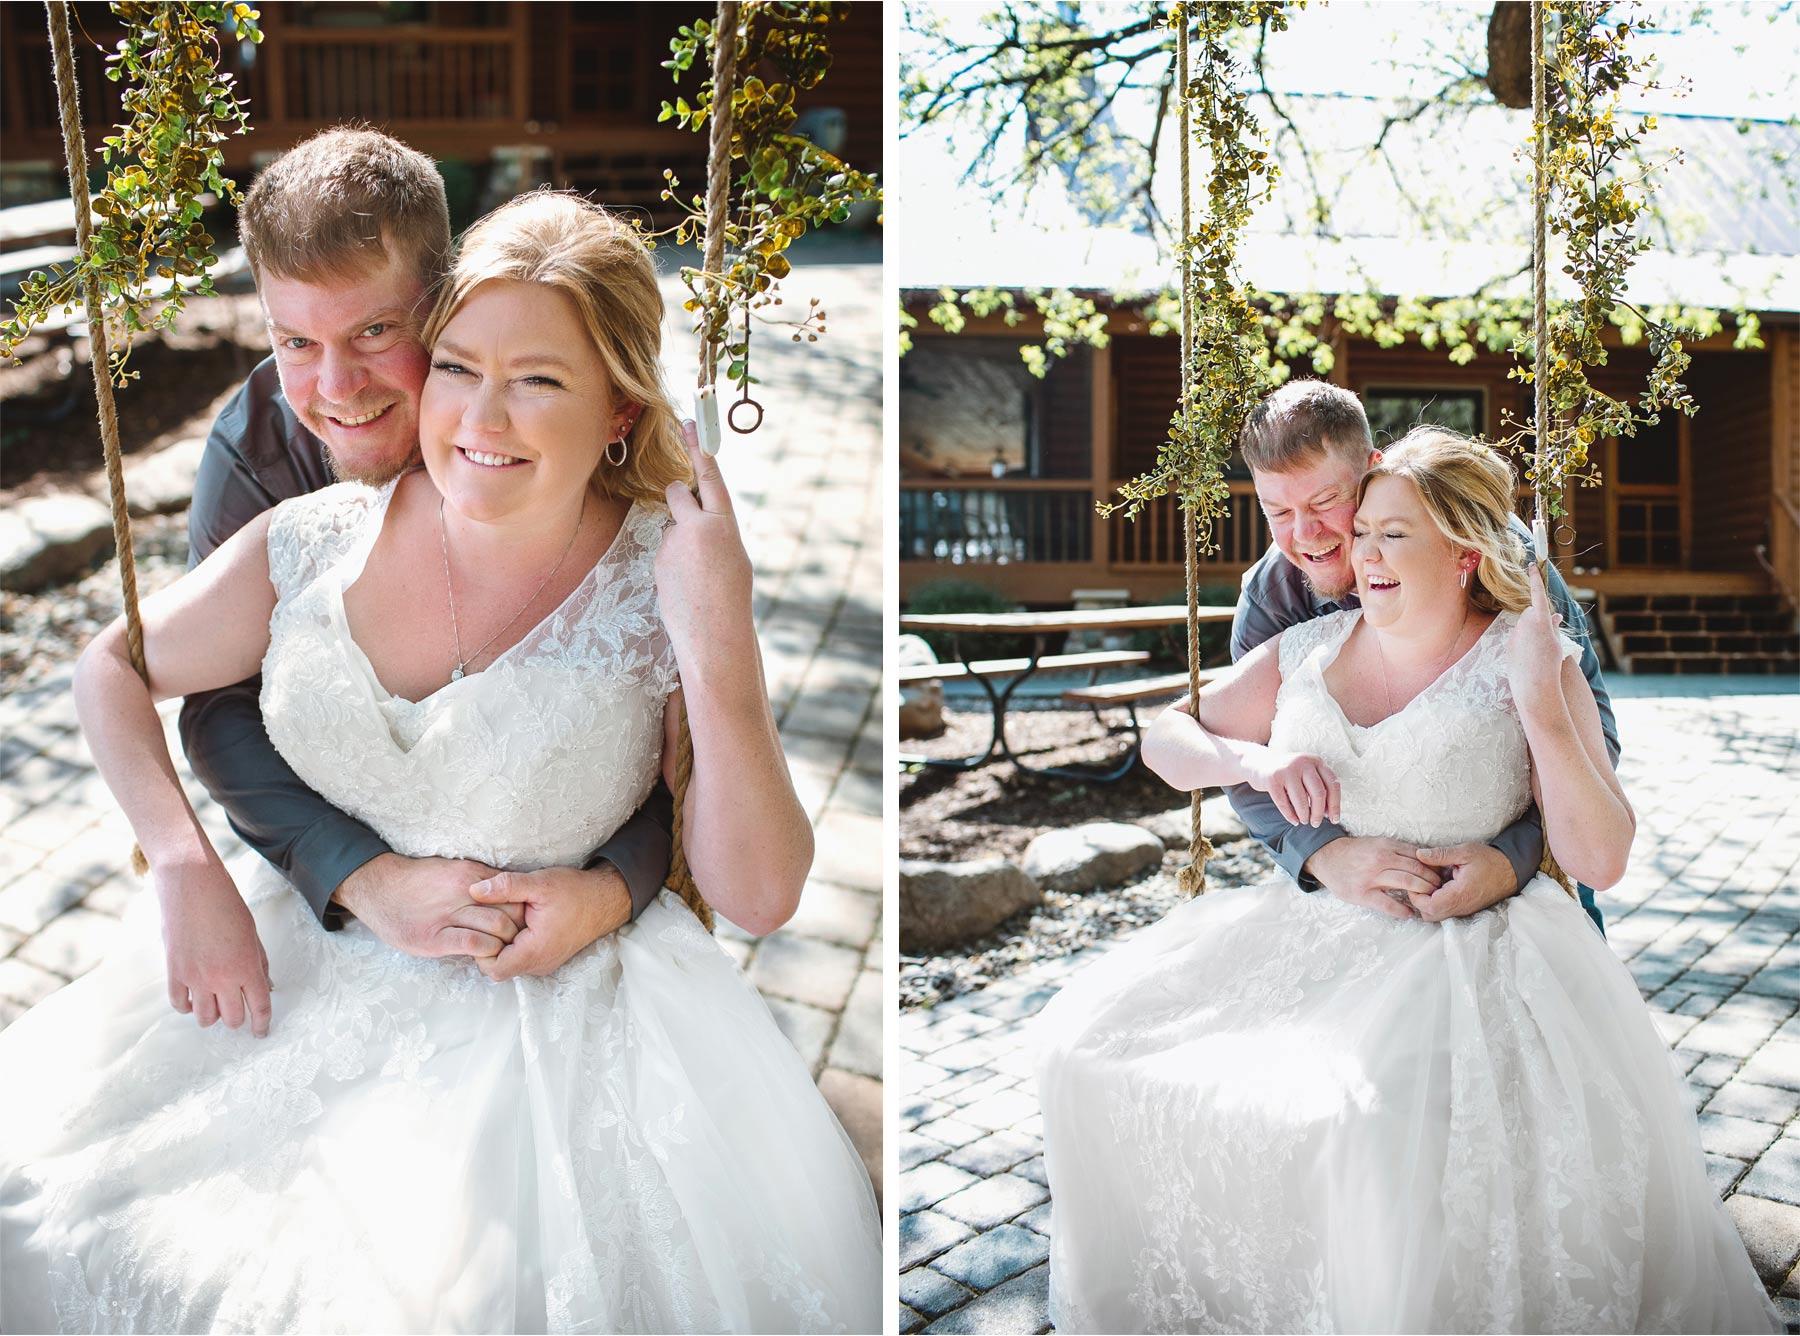 03-Vick-Photography-Wedding-Brainerd-Minnesota-Pine-Peaks-Lodge-Cabin-Rustic-Bride-Groom-Swing-Kristi-and-Noel.jpg